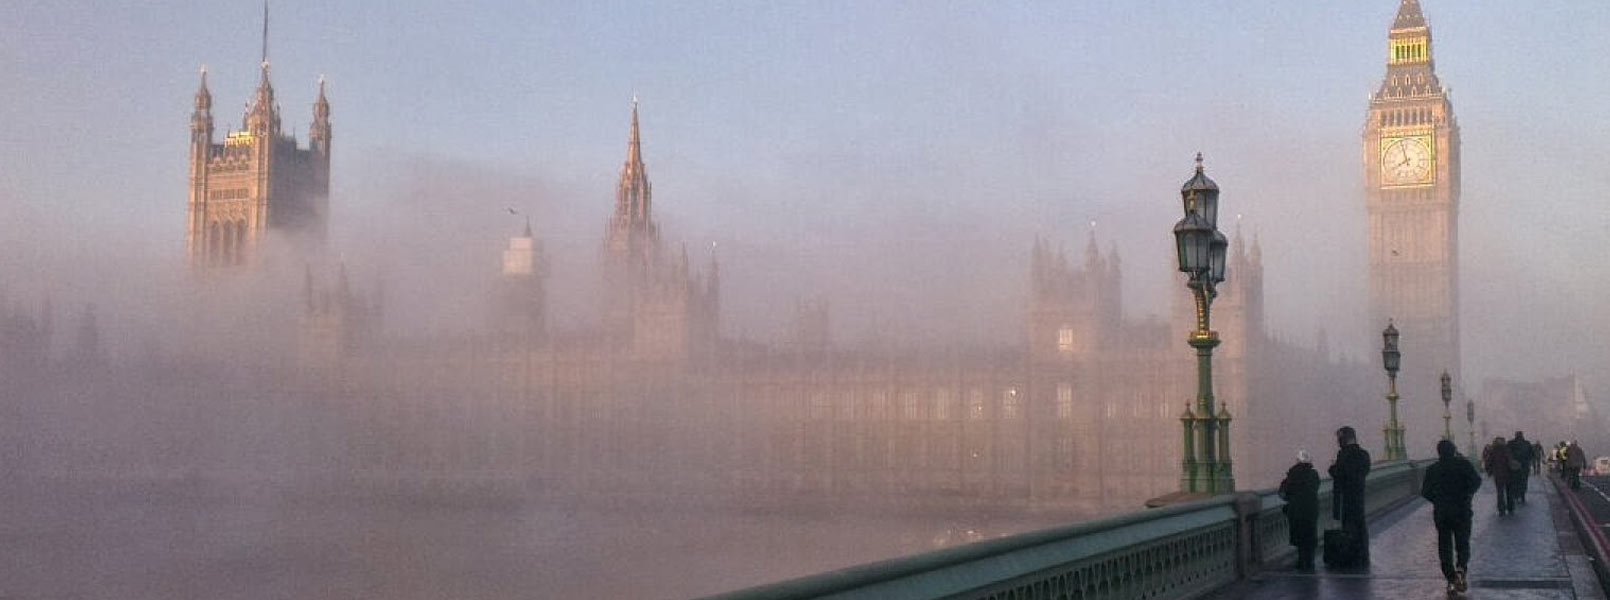 fog_w.jpg